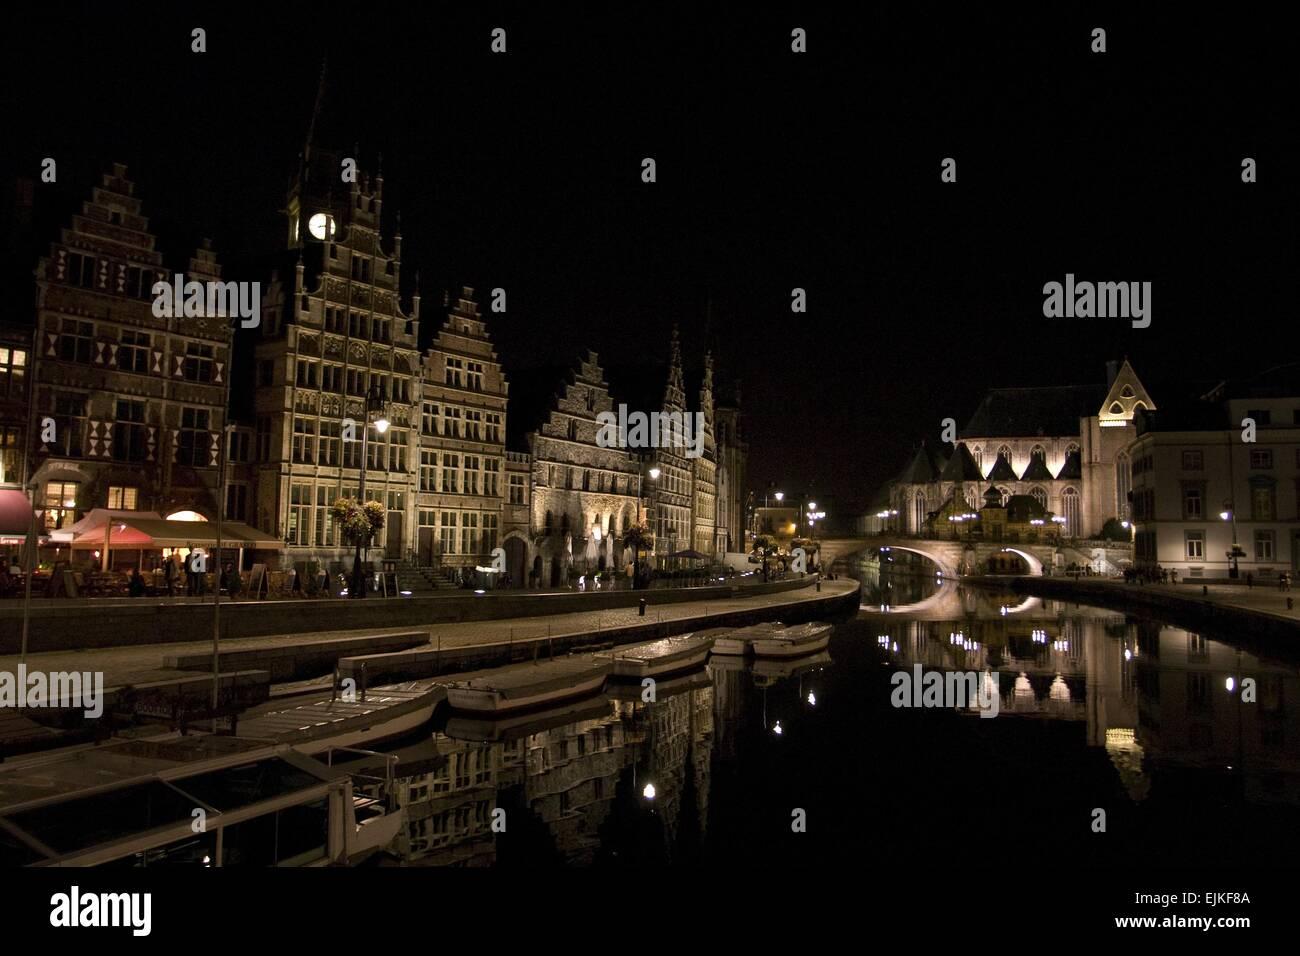 Belgium at night Stock Photo